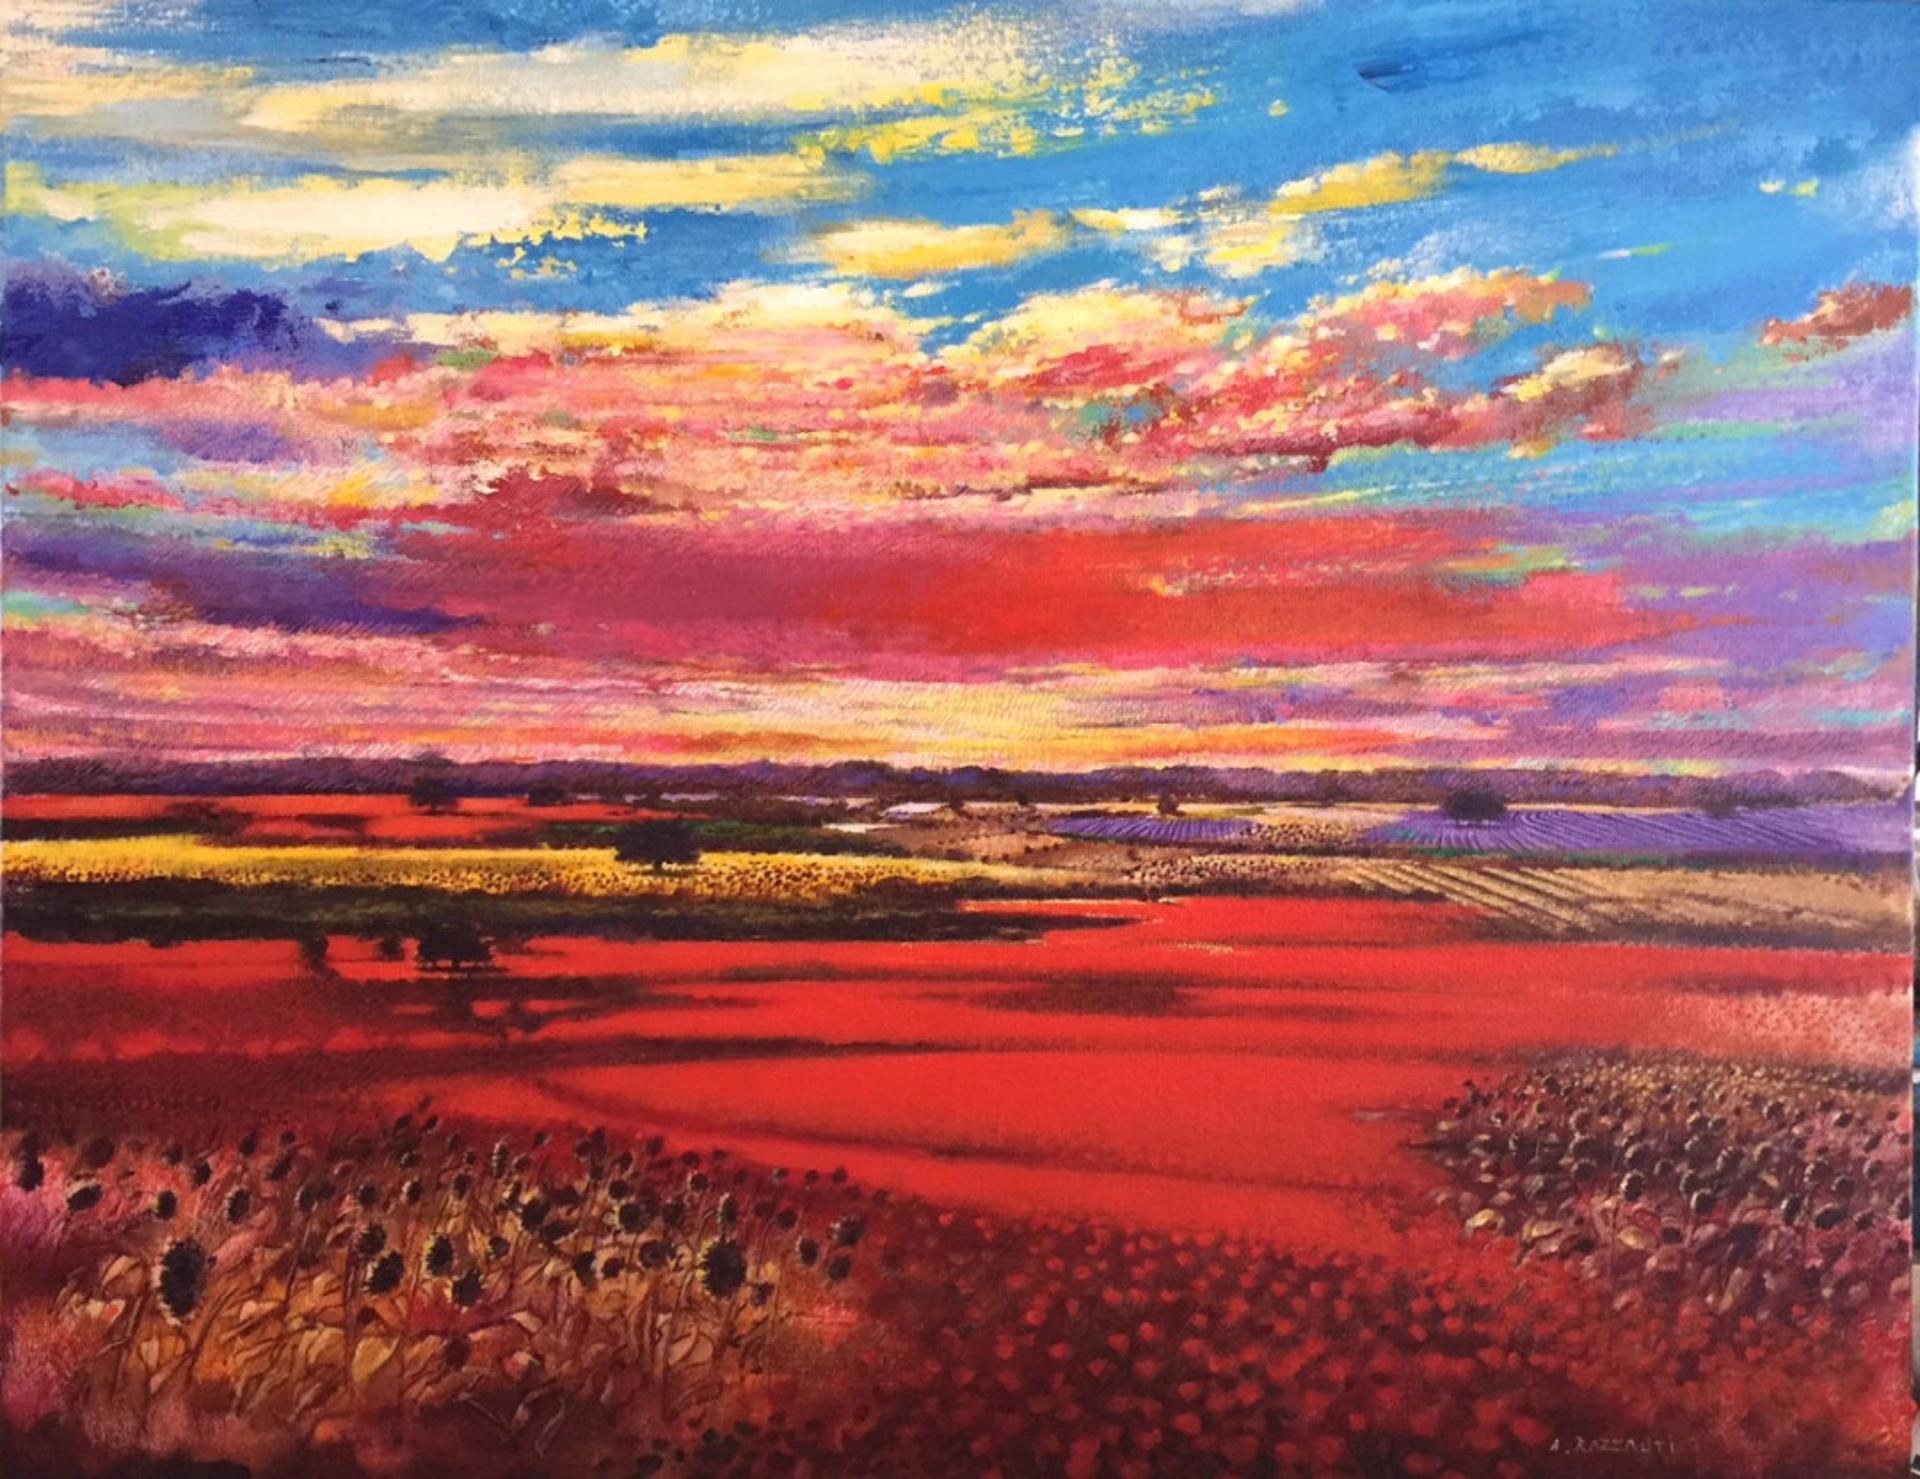 Paesaggio by Andrea Razzauti